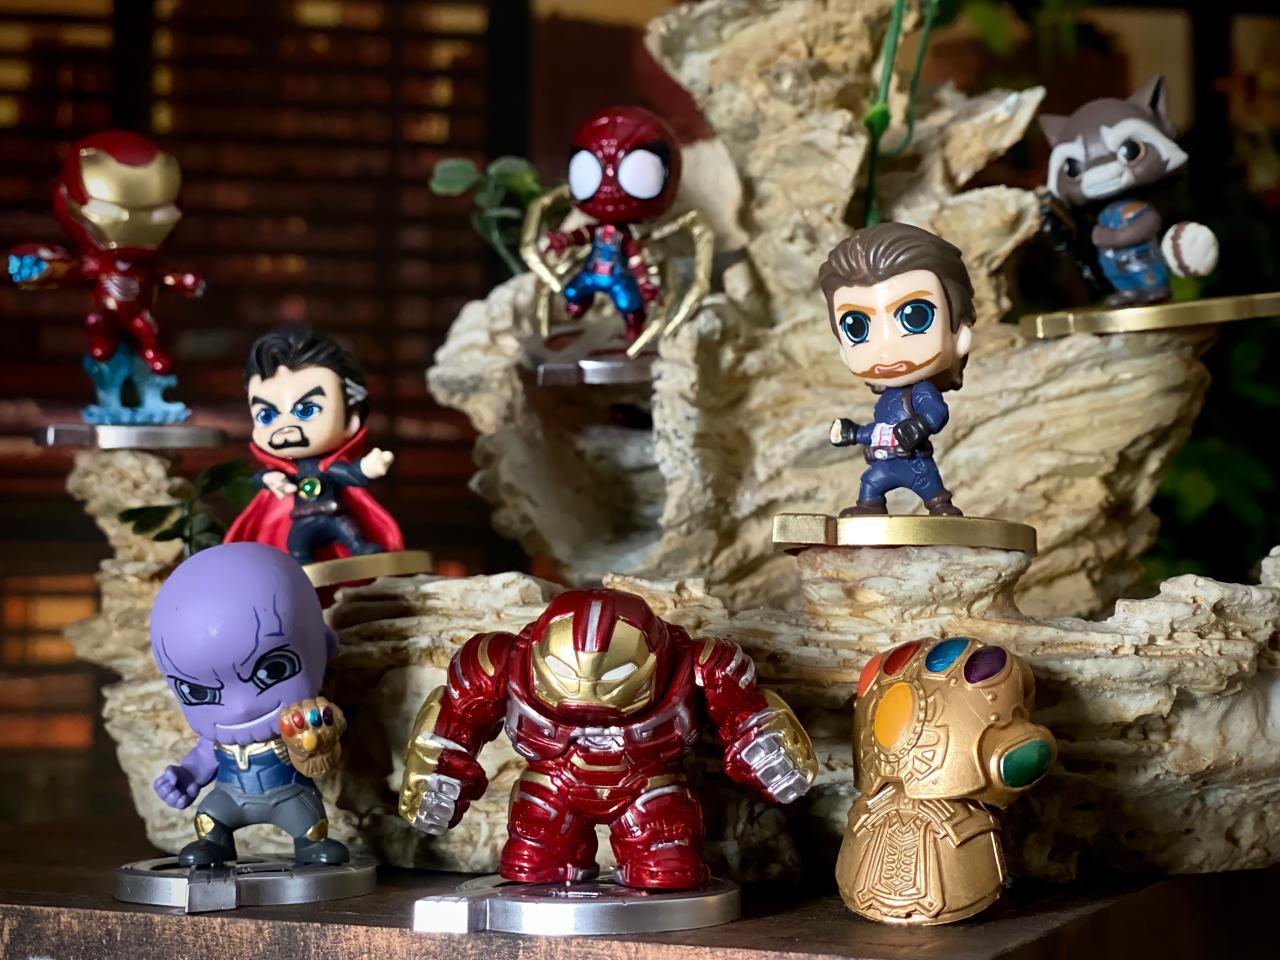 Pack Mini Cosbaby com 8 Mini Estátua Vingadores Guerra Infinita Avengers Infinity War Marvel  6 cm